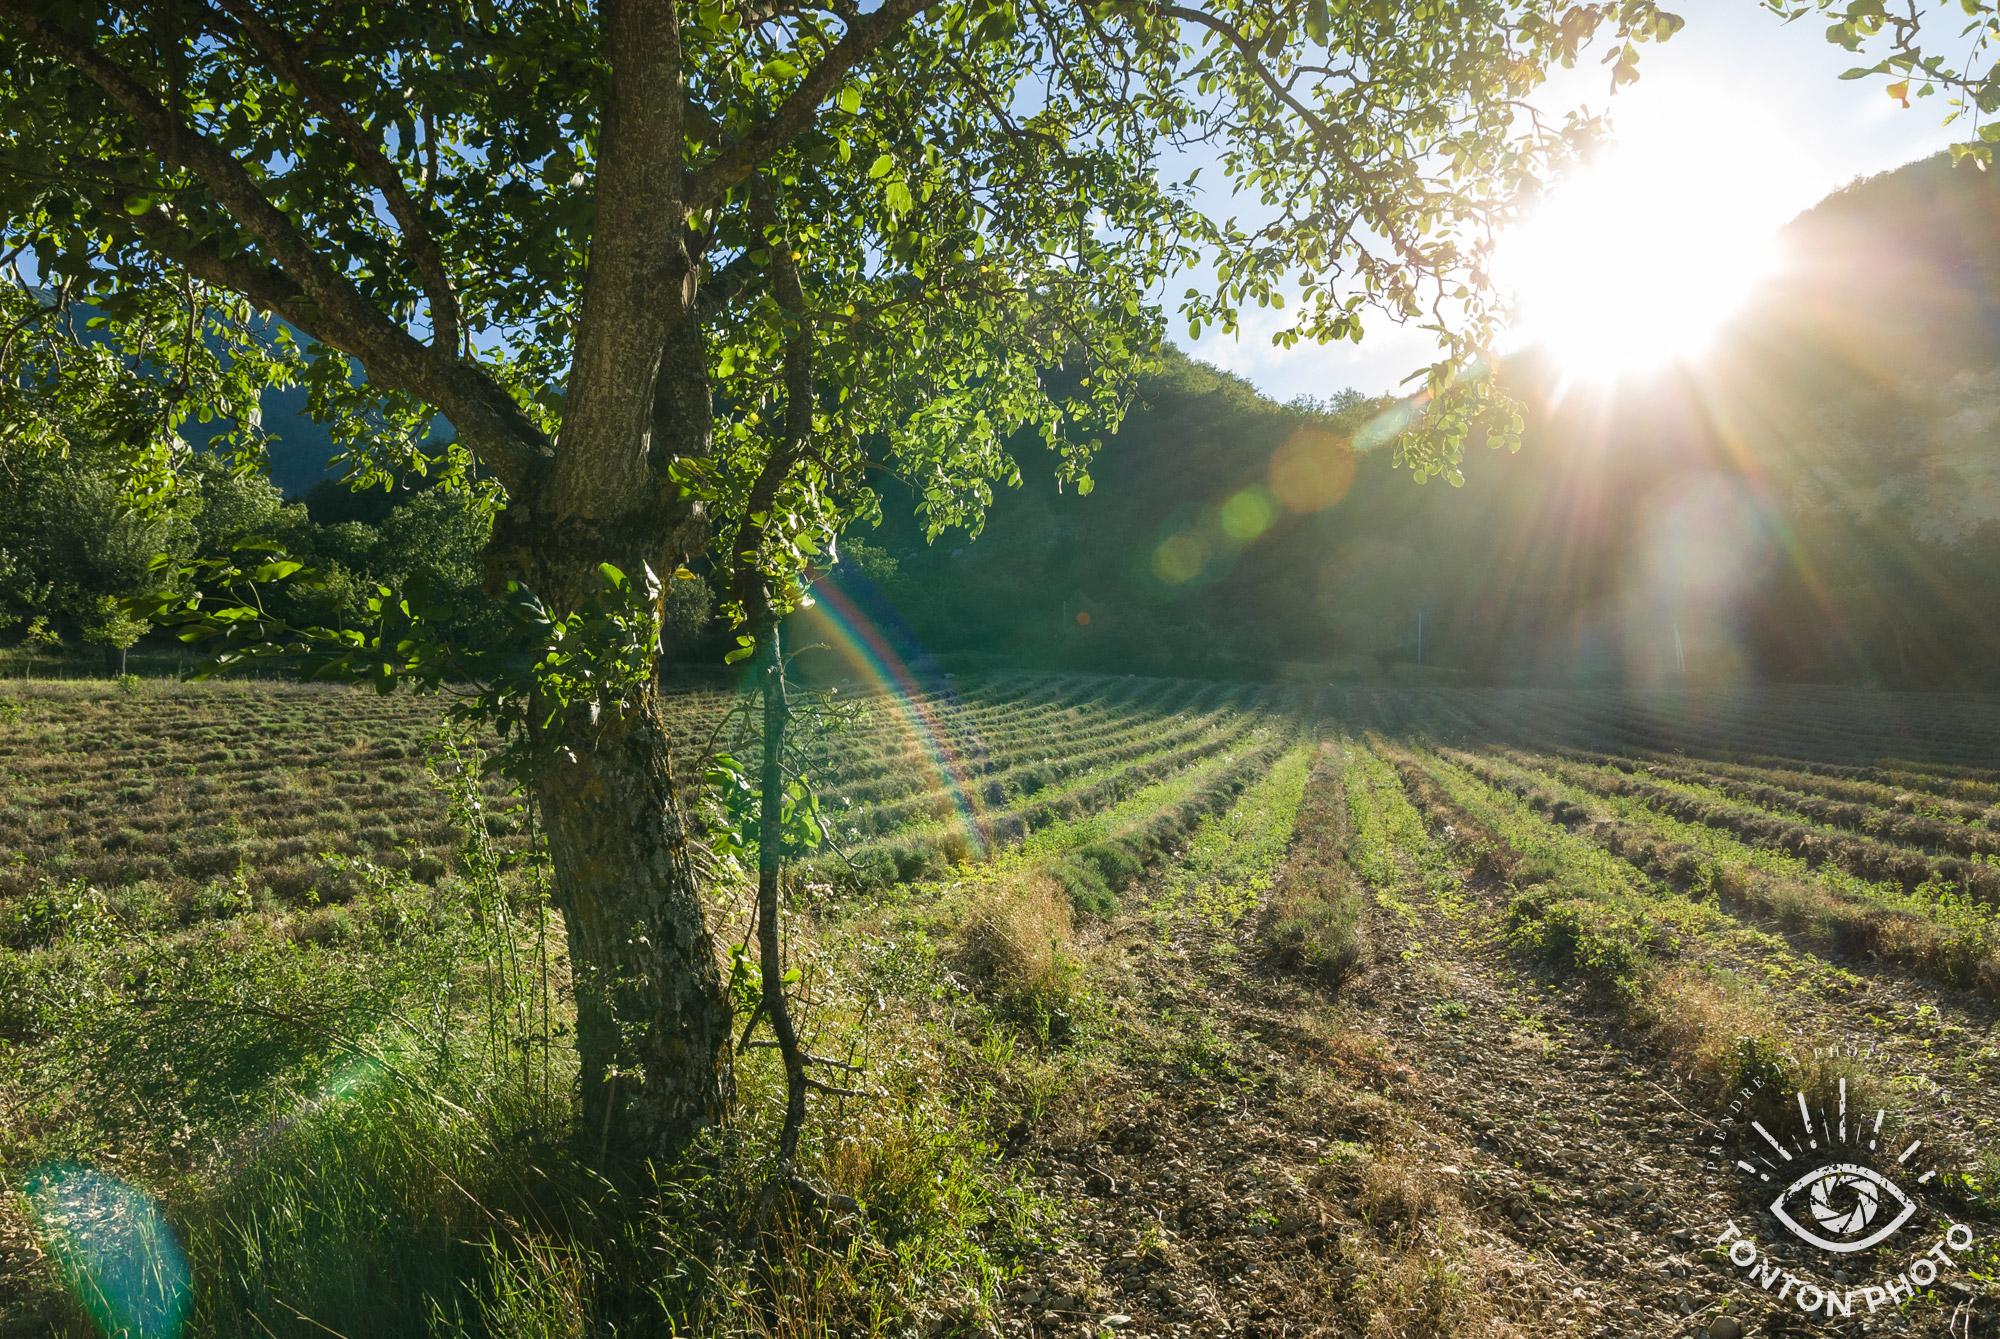 En cachant partiellement le soleil derrière la montagne, j'ai pu capturer les rayons du soleil pour illustrer le fait que les champs de lavande sont baignés de soleil dans cette vallée de la Drôme, France. © Tonton Photo